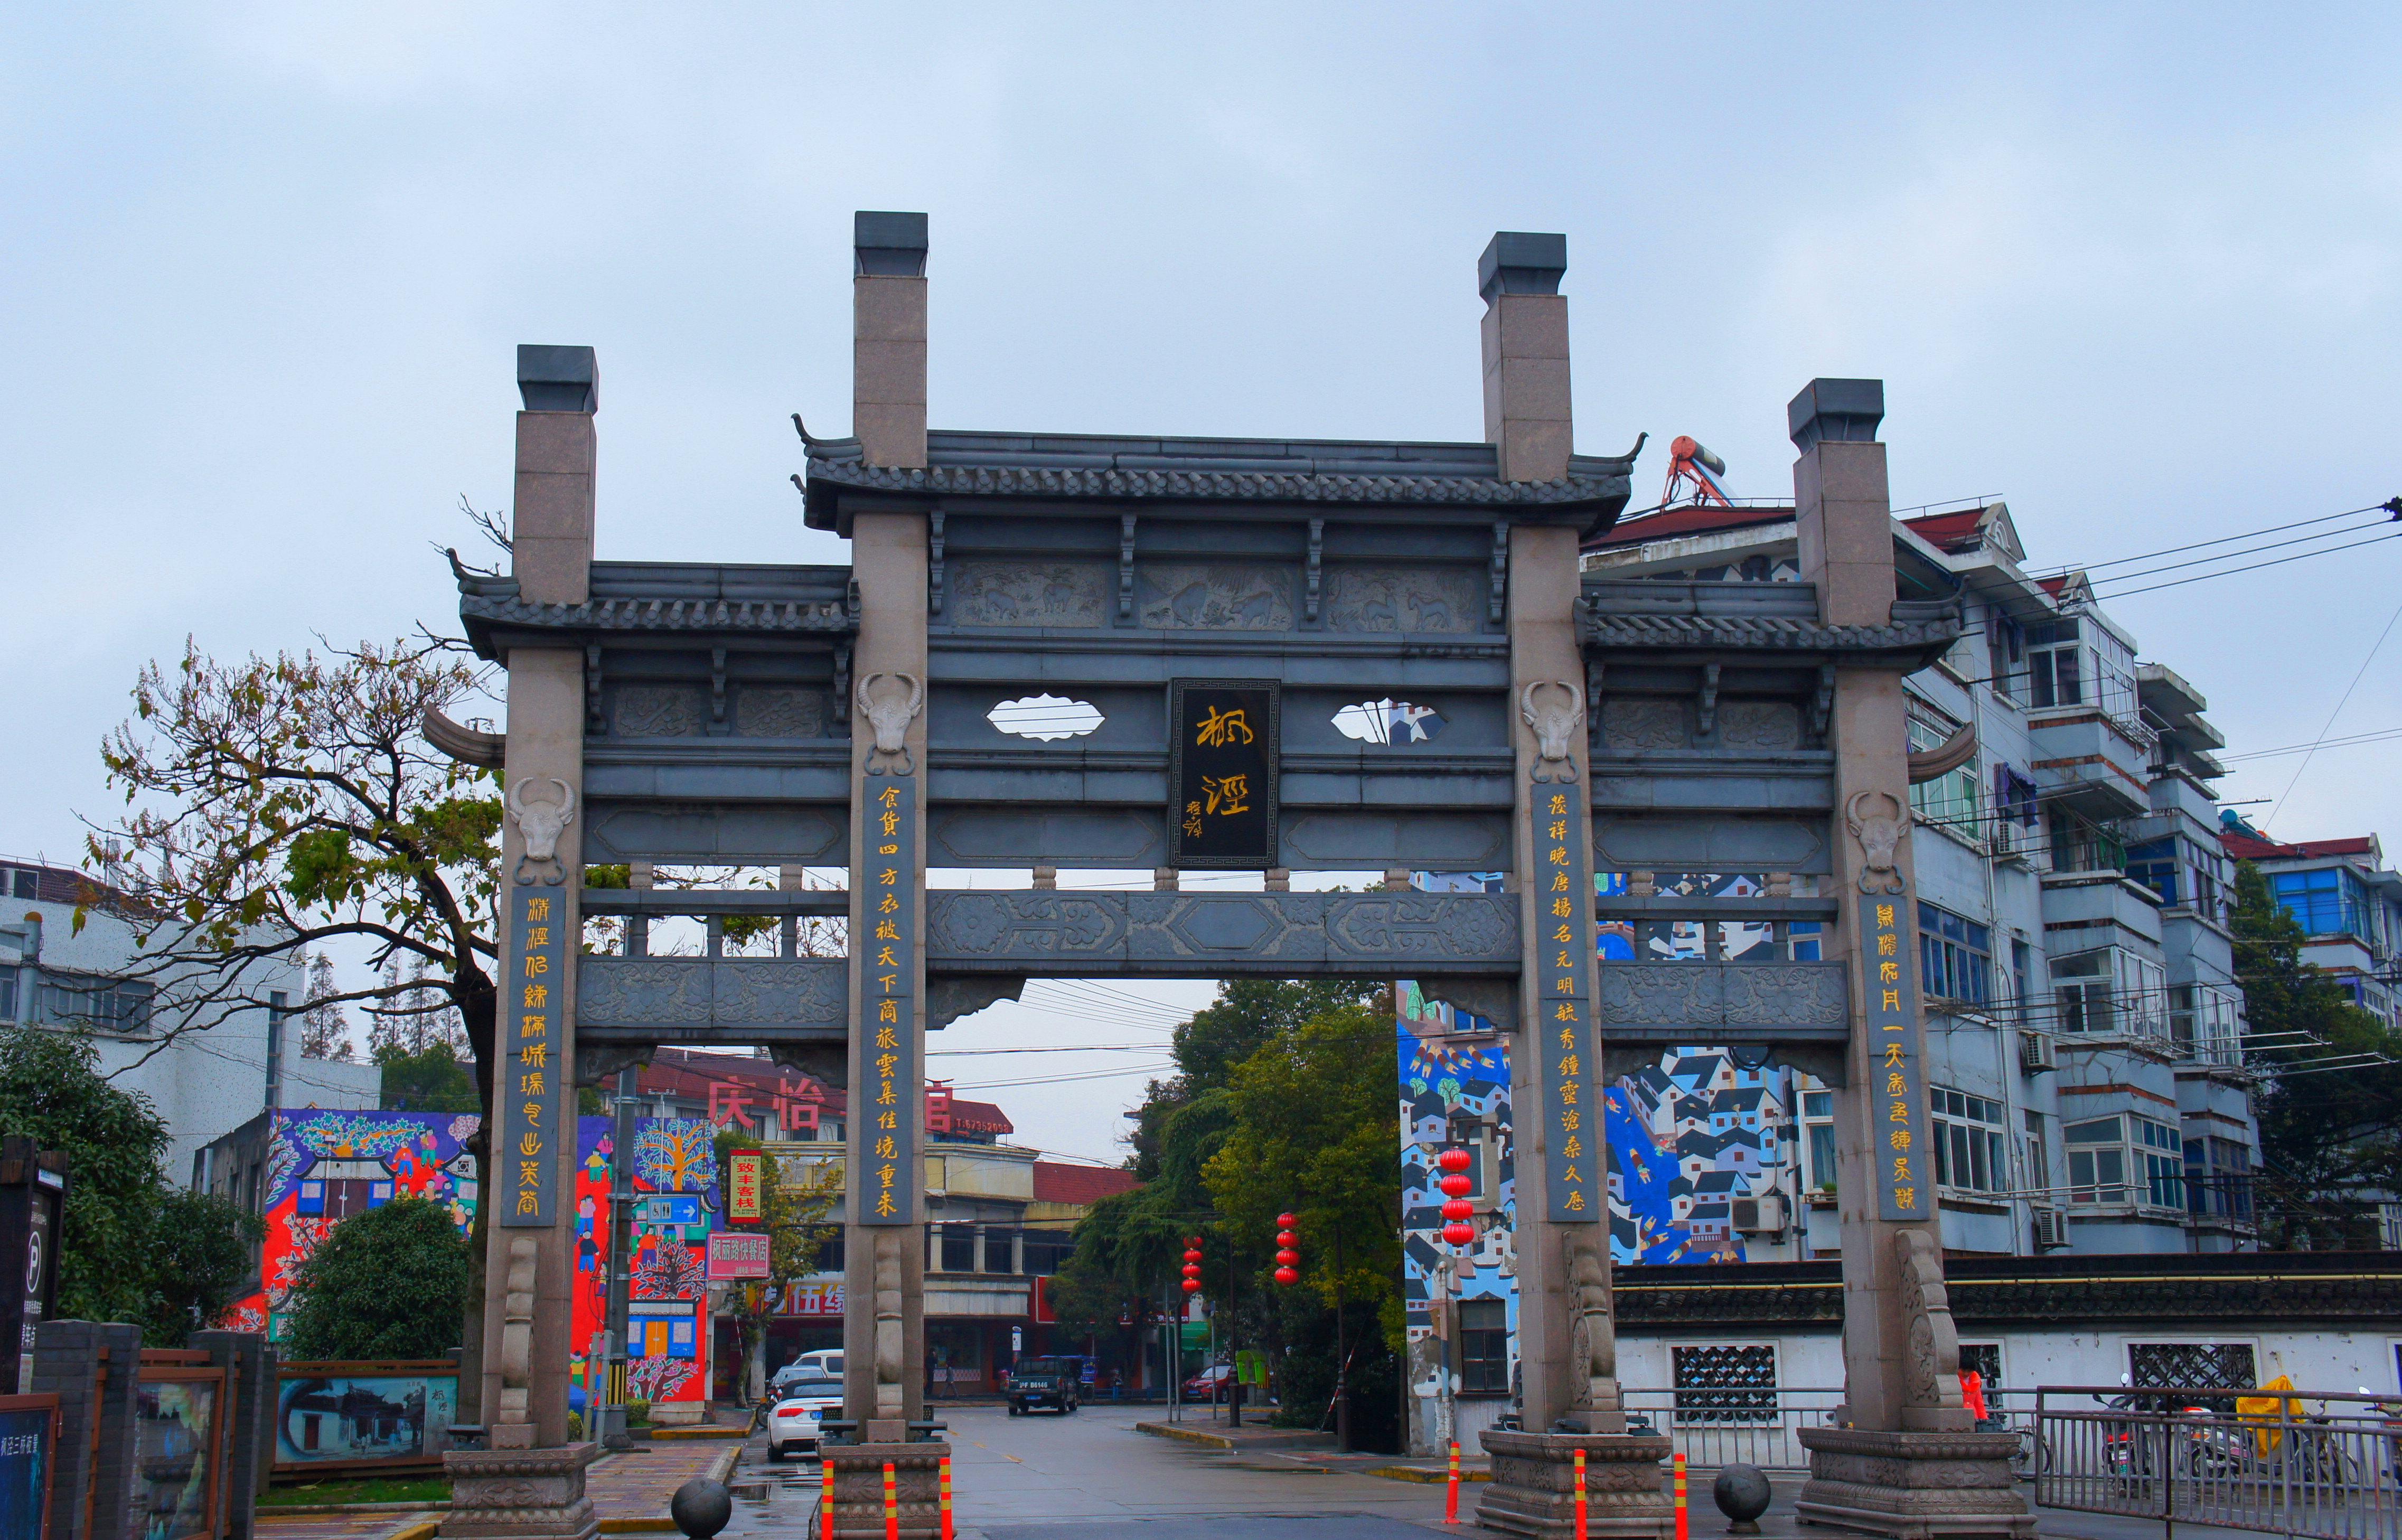 【携程攻略】上海枫泾古镇适合家庭亲子旅游吗